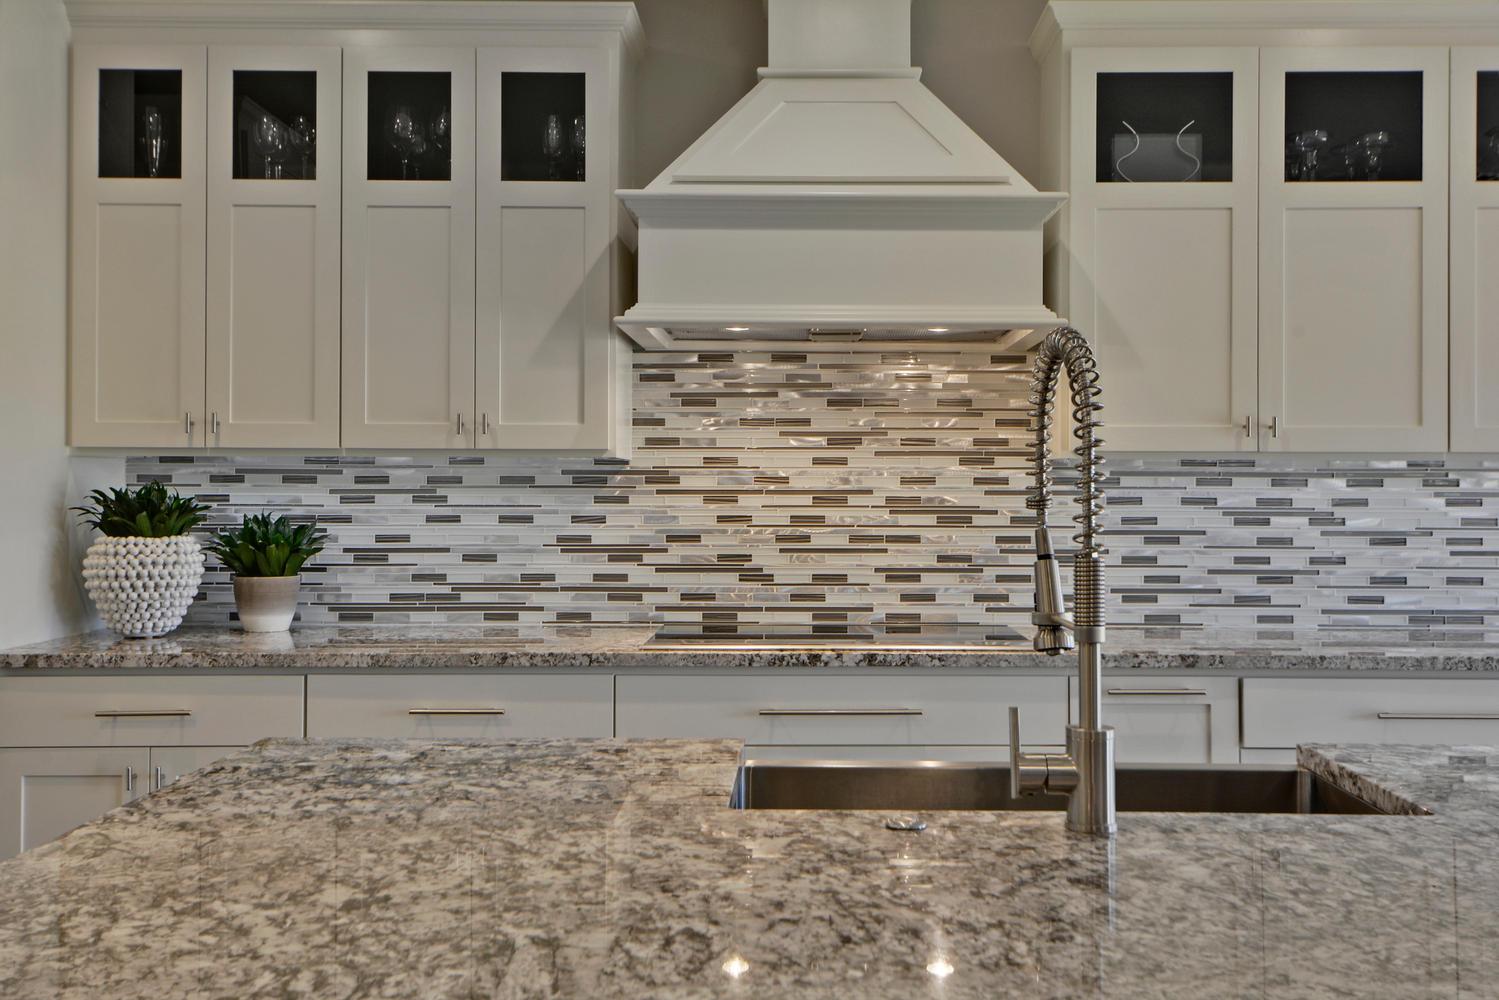 Granite in transitional kitchen remodel